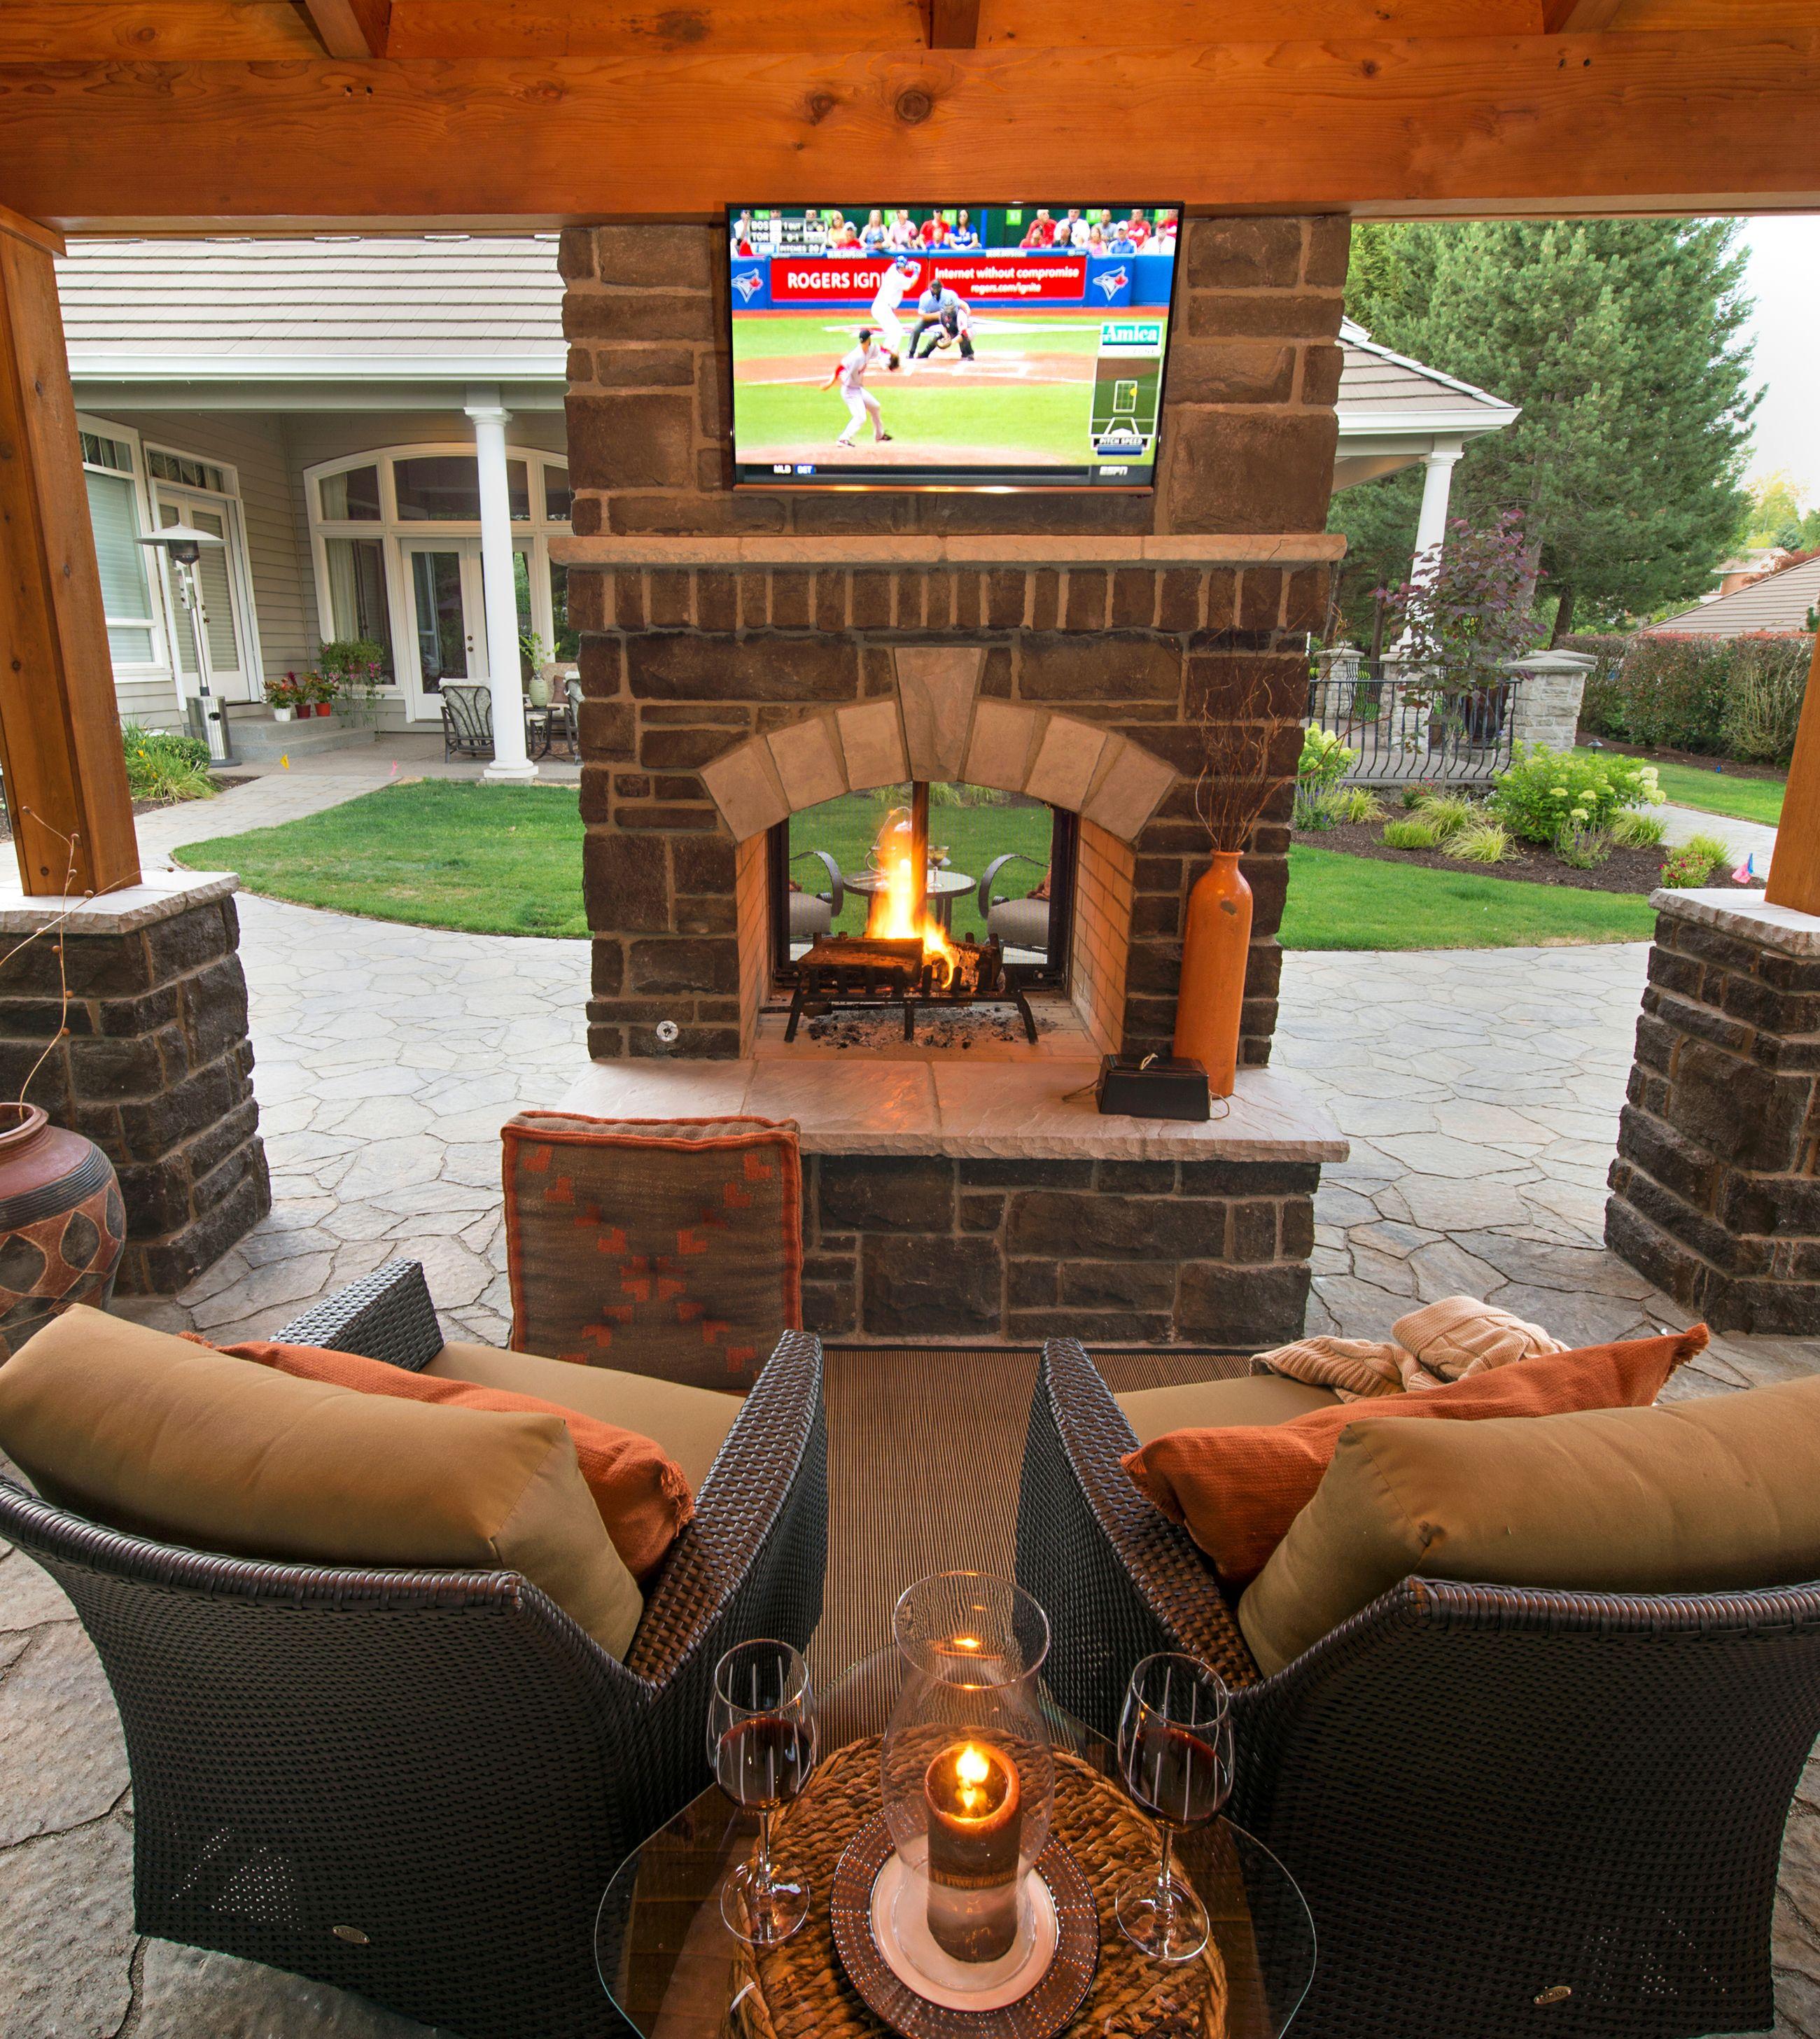 Double sided fireplace radiserestoredlandscaping